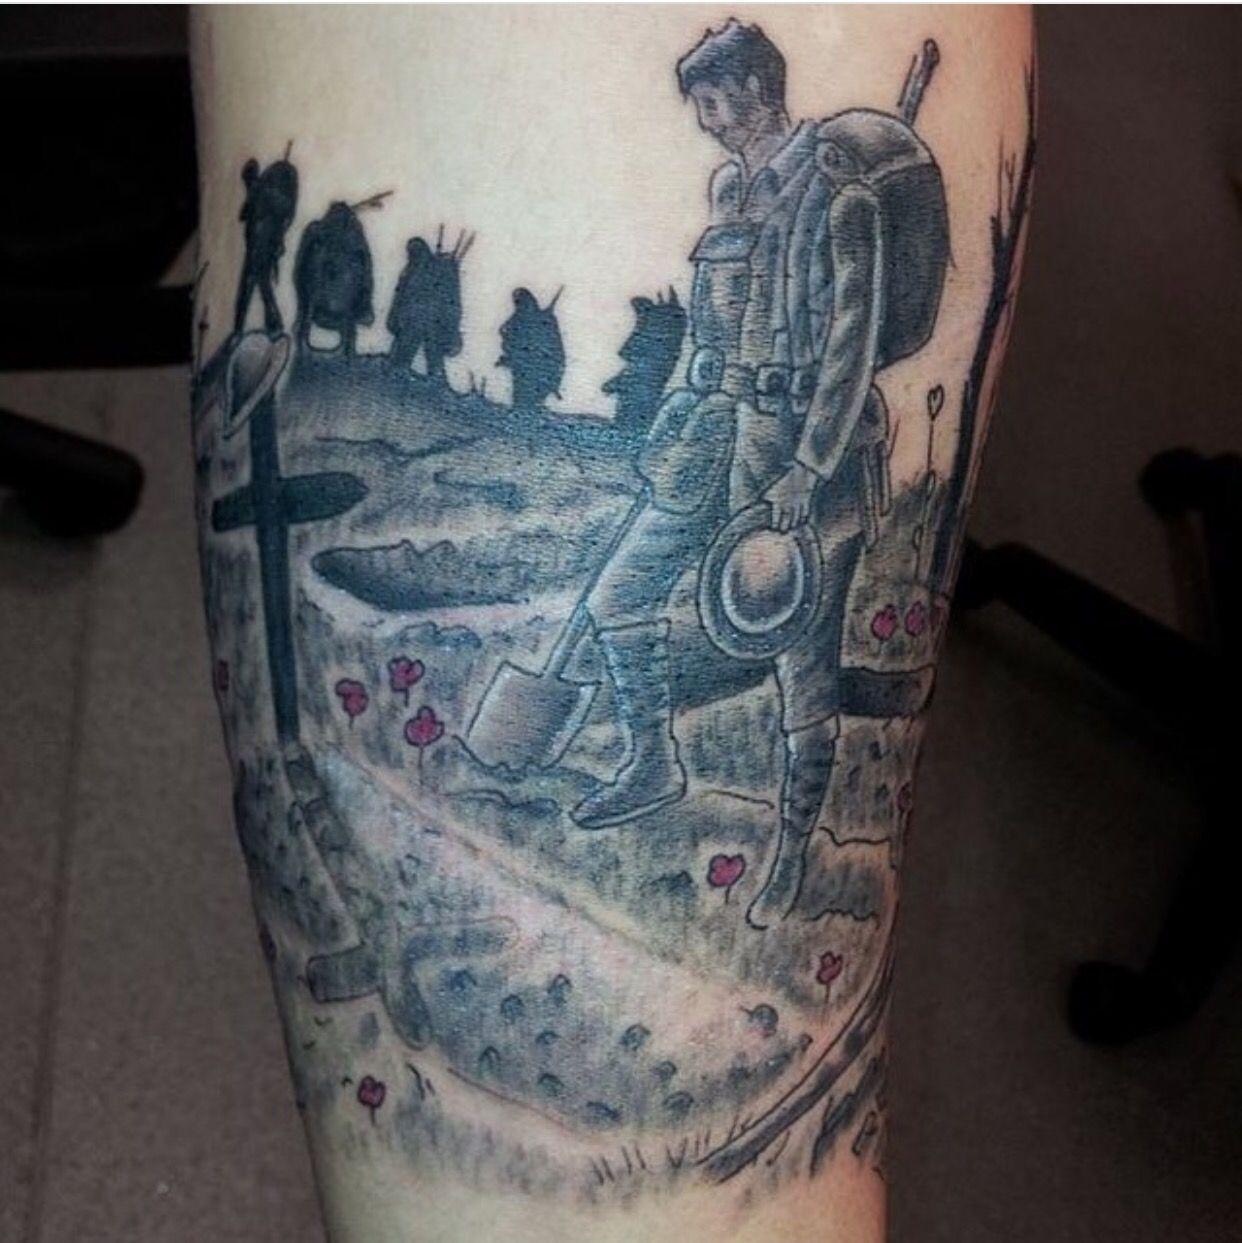 Pin By Shane Rankin On Tattoo Stuff